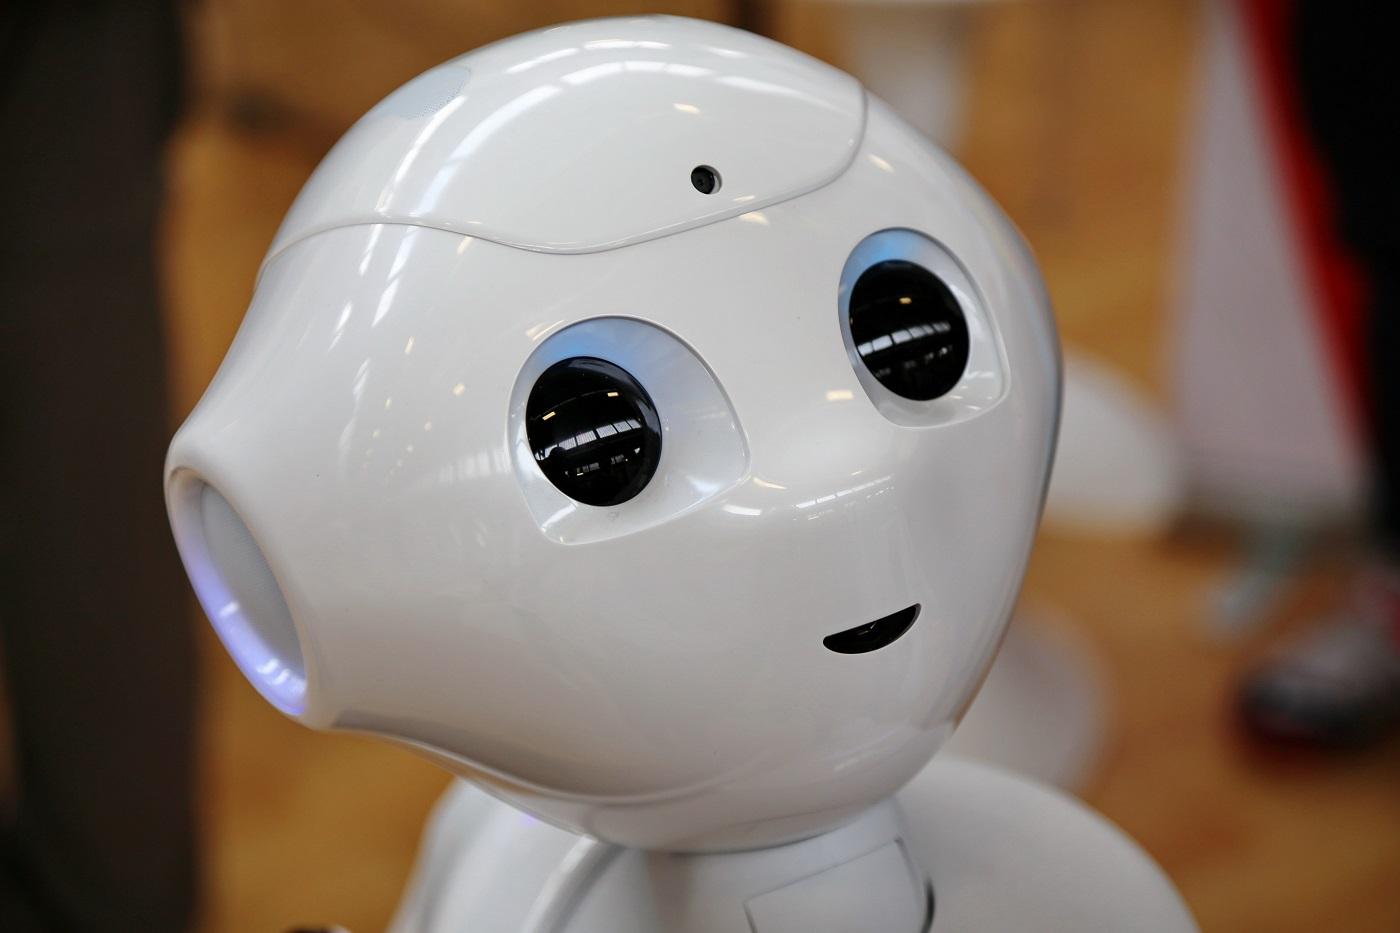 shutterstock_pepper robot softbank